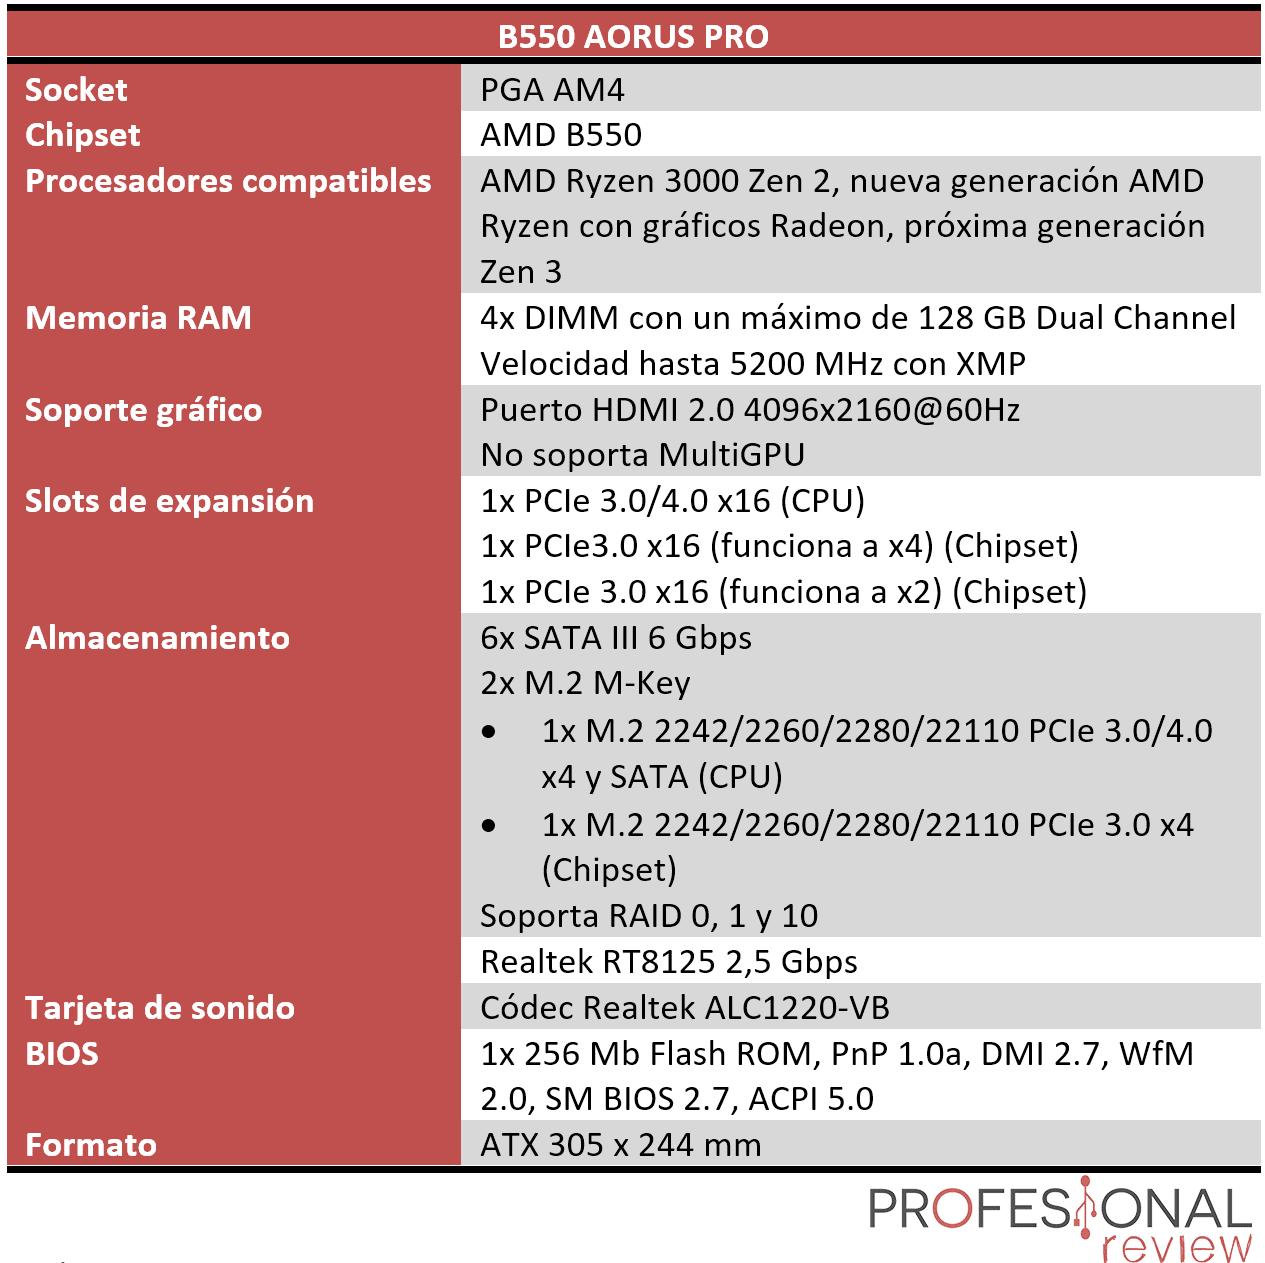 B550 AORUS PRO Características